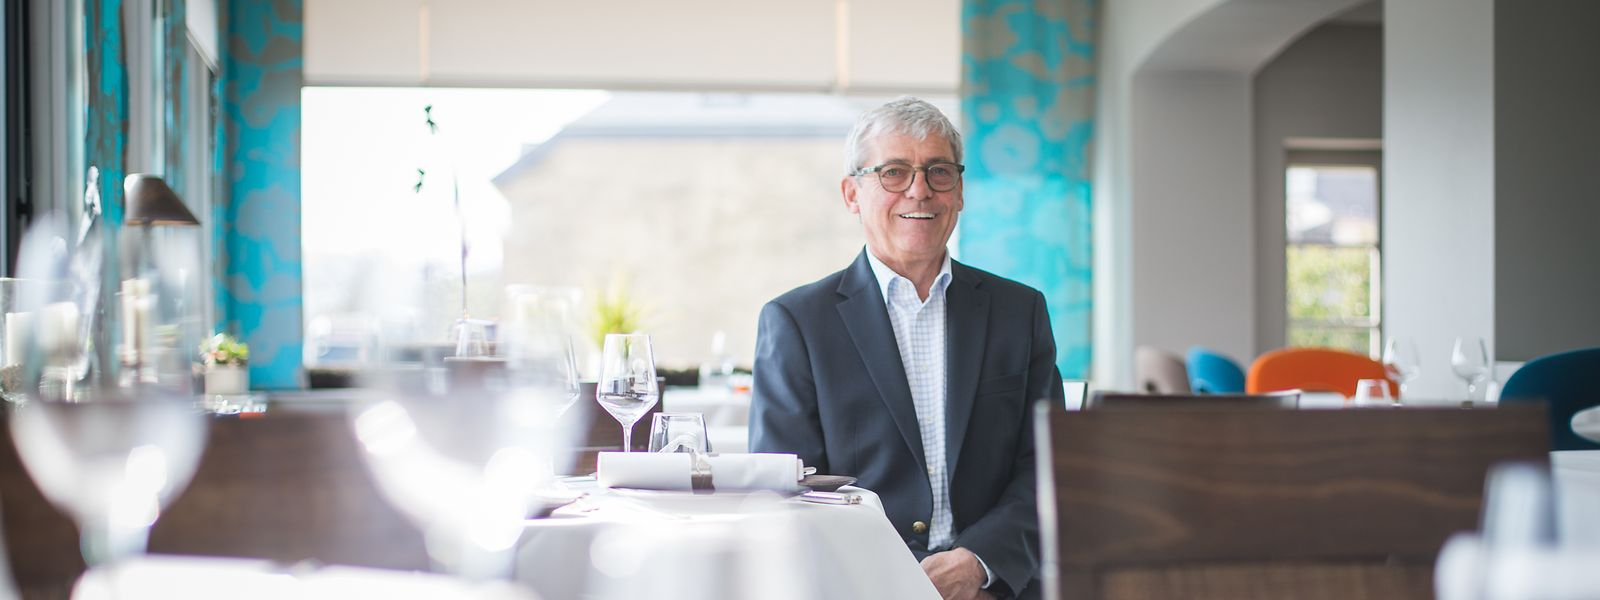 Gérard Mathes freut sich über die Auszeichnung, die er für 45 Jahre im Beruf erhalten hat.